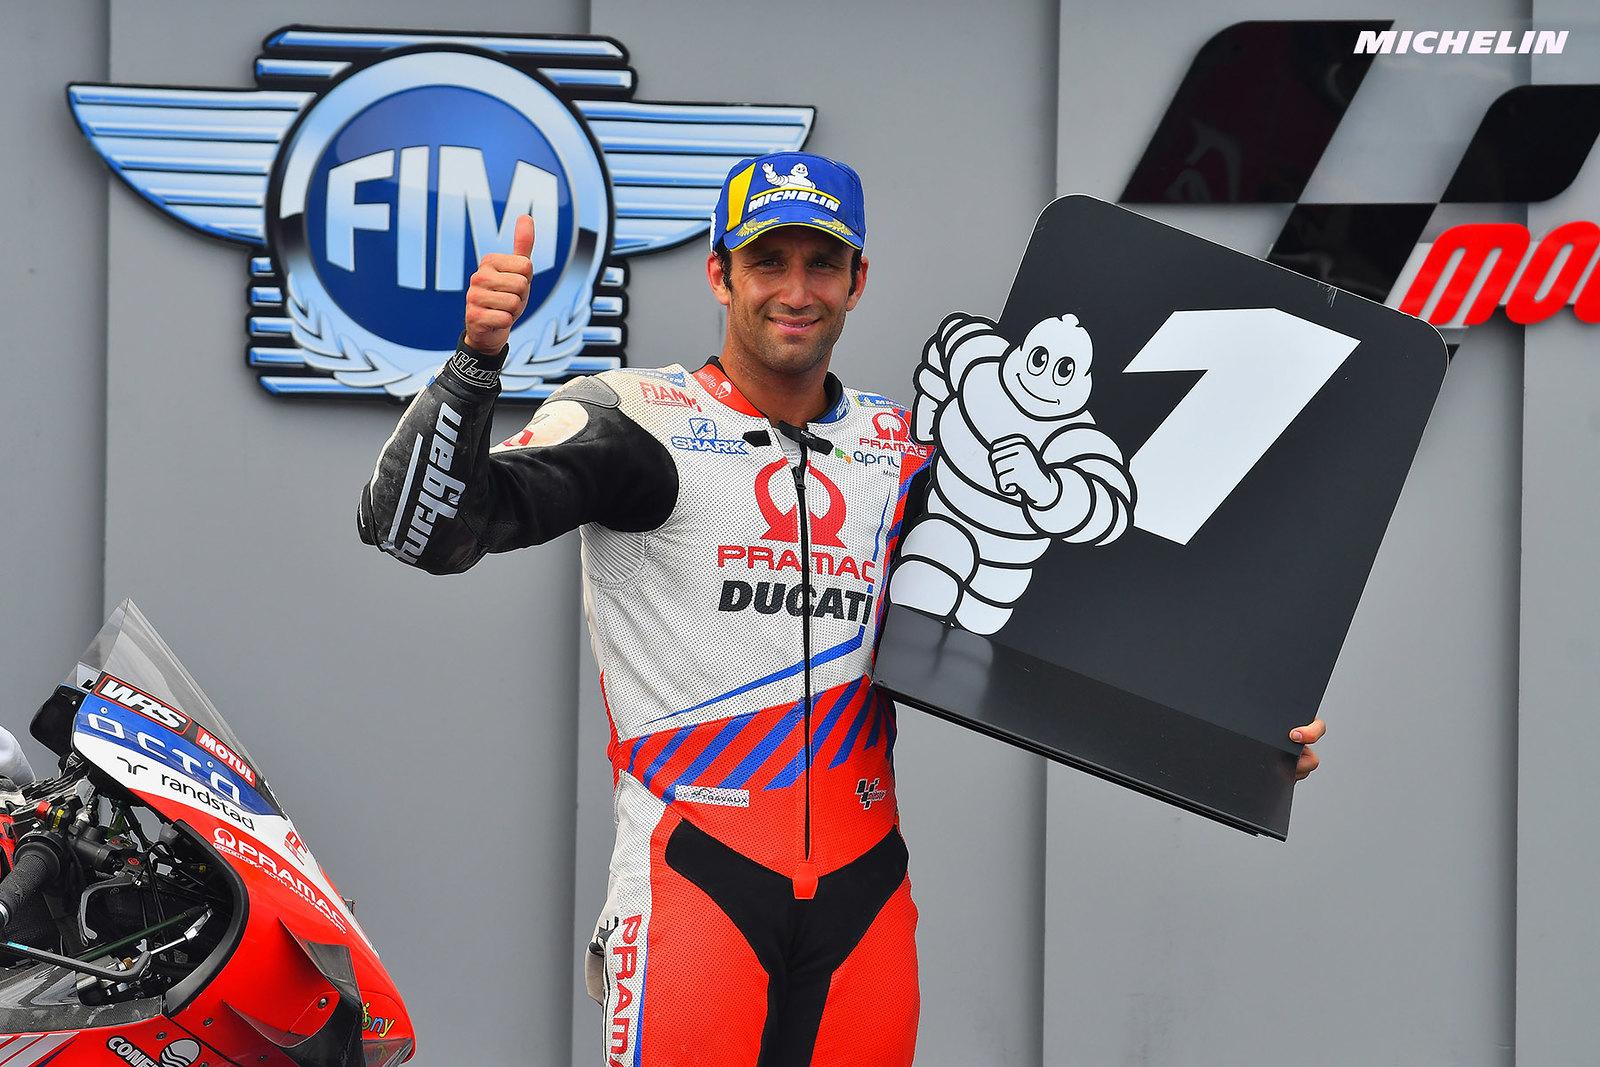 ドイツGP予選1位 ヨハン・ザルコ「賢く走って優勝を狙いたい」